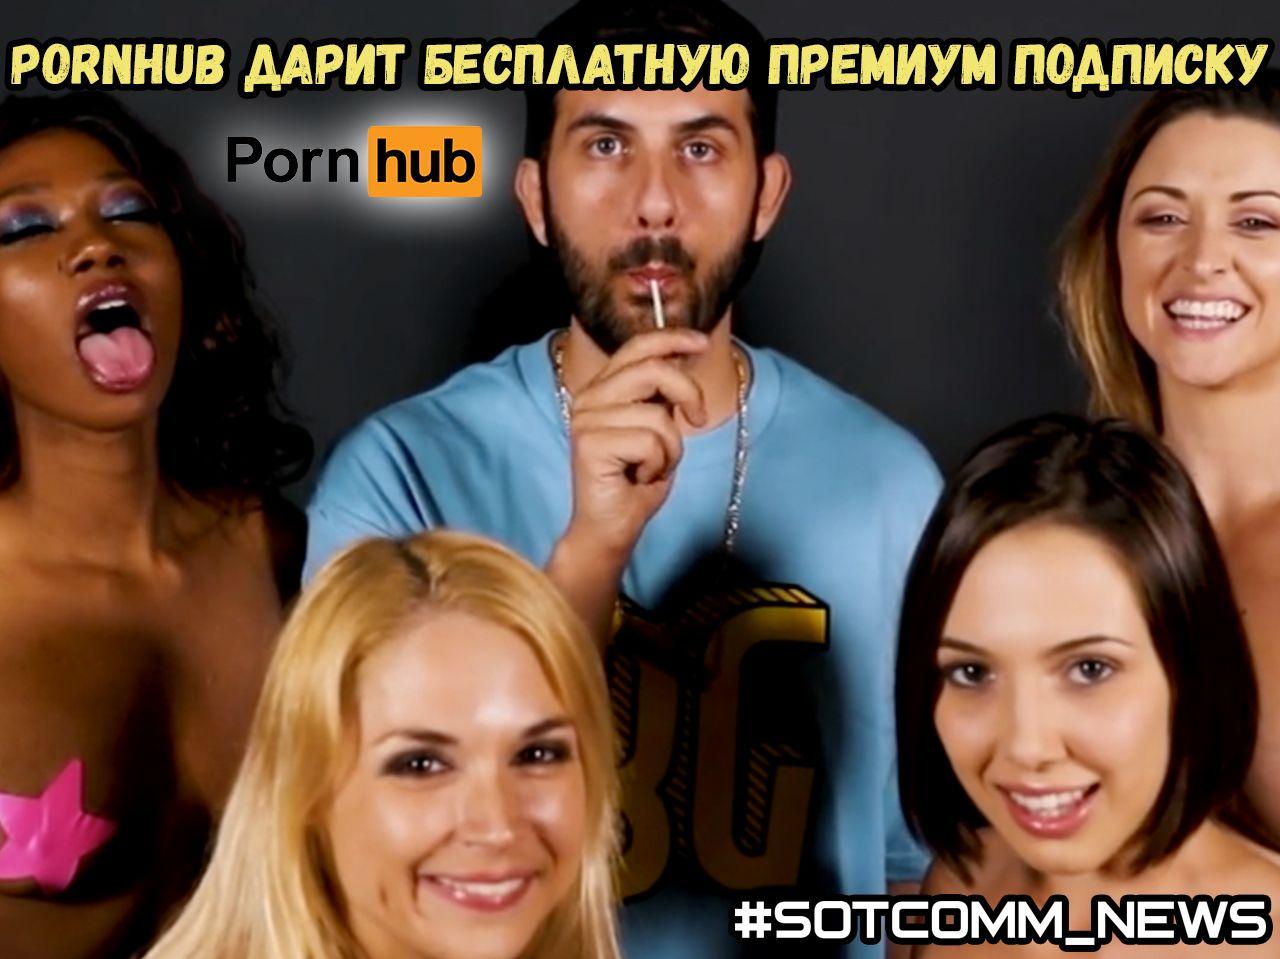 pornhub.ru